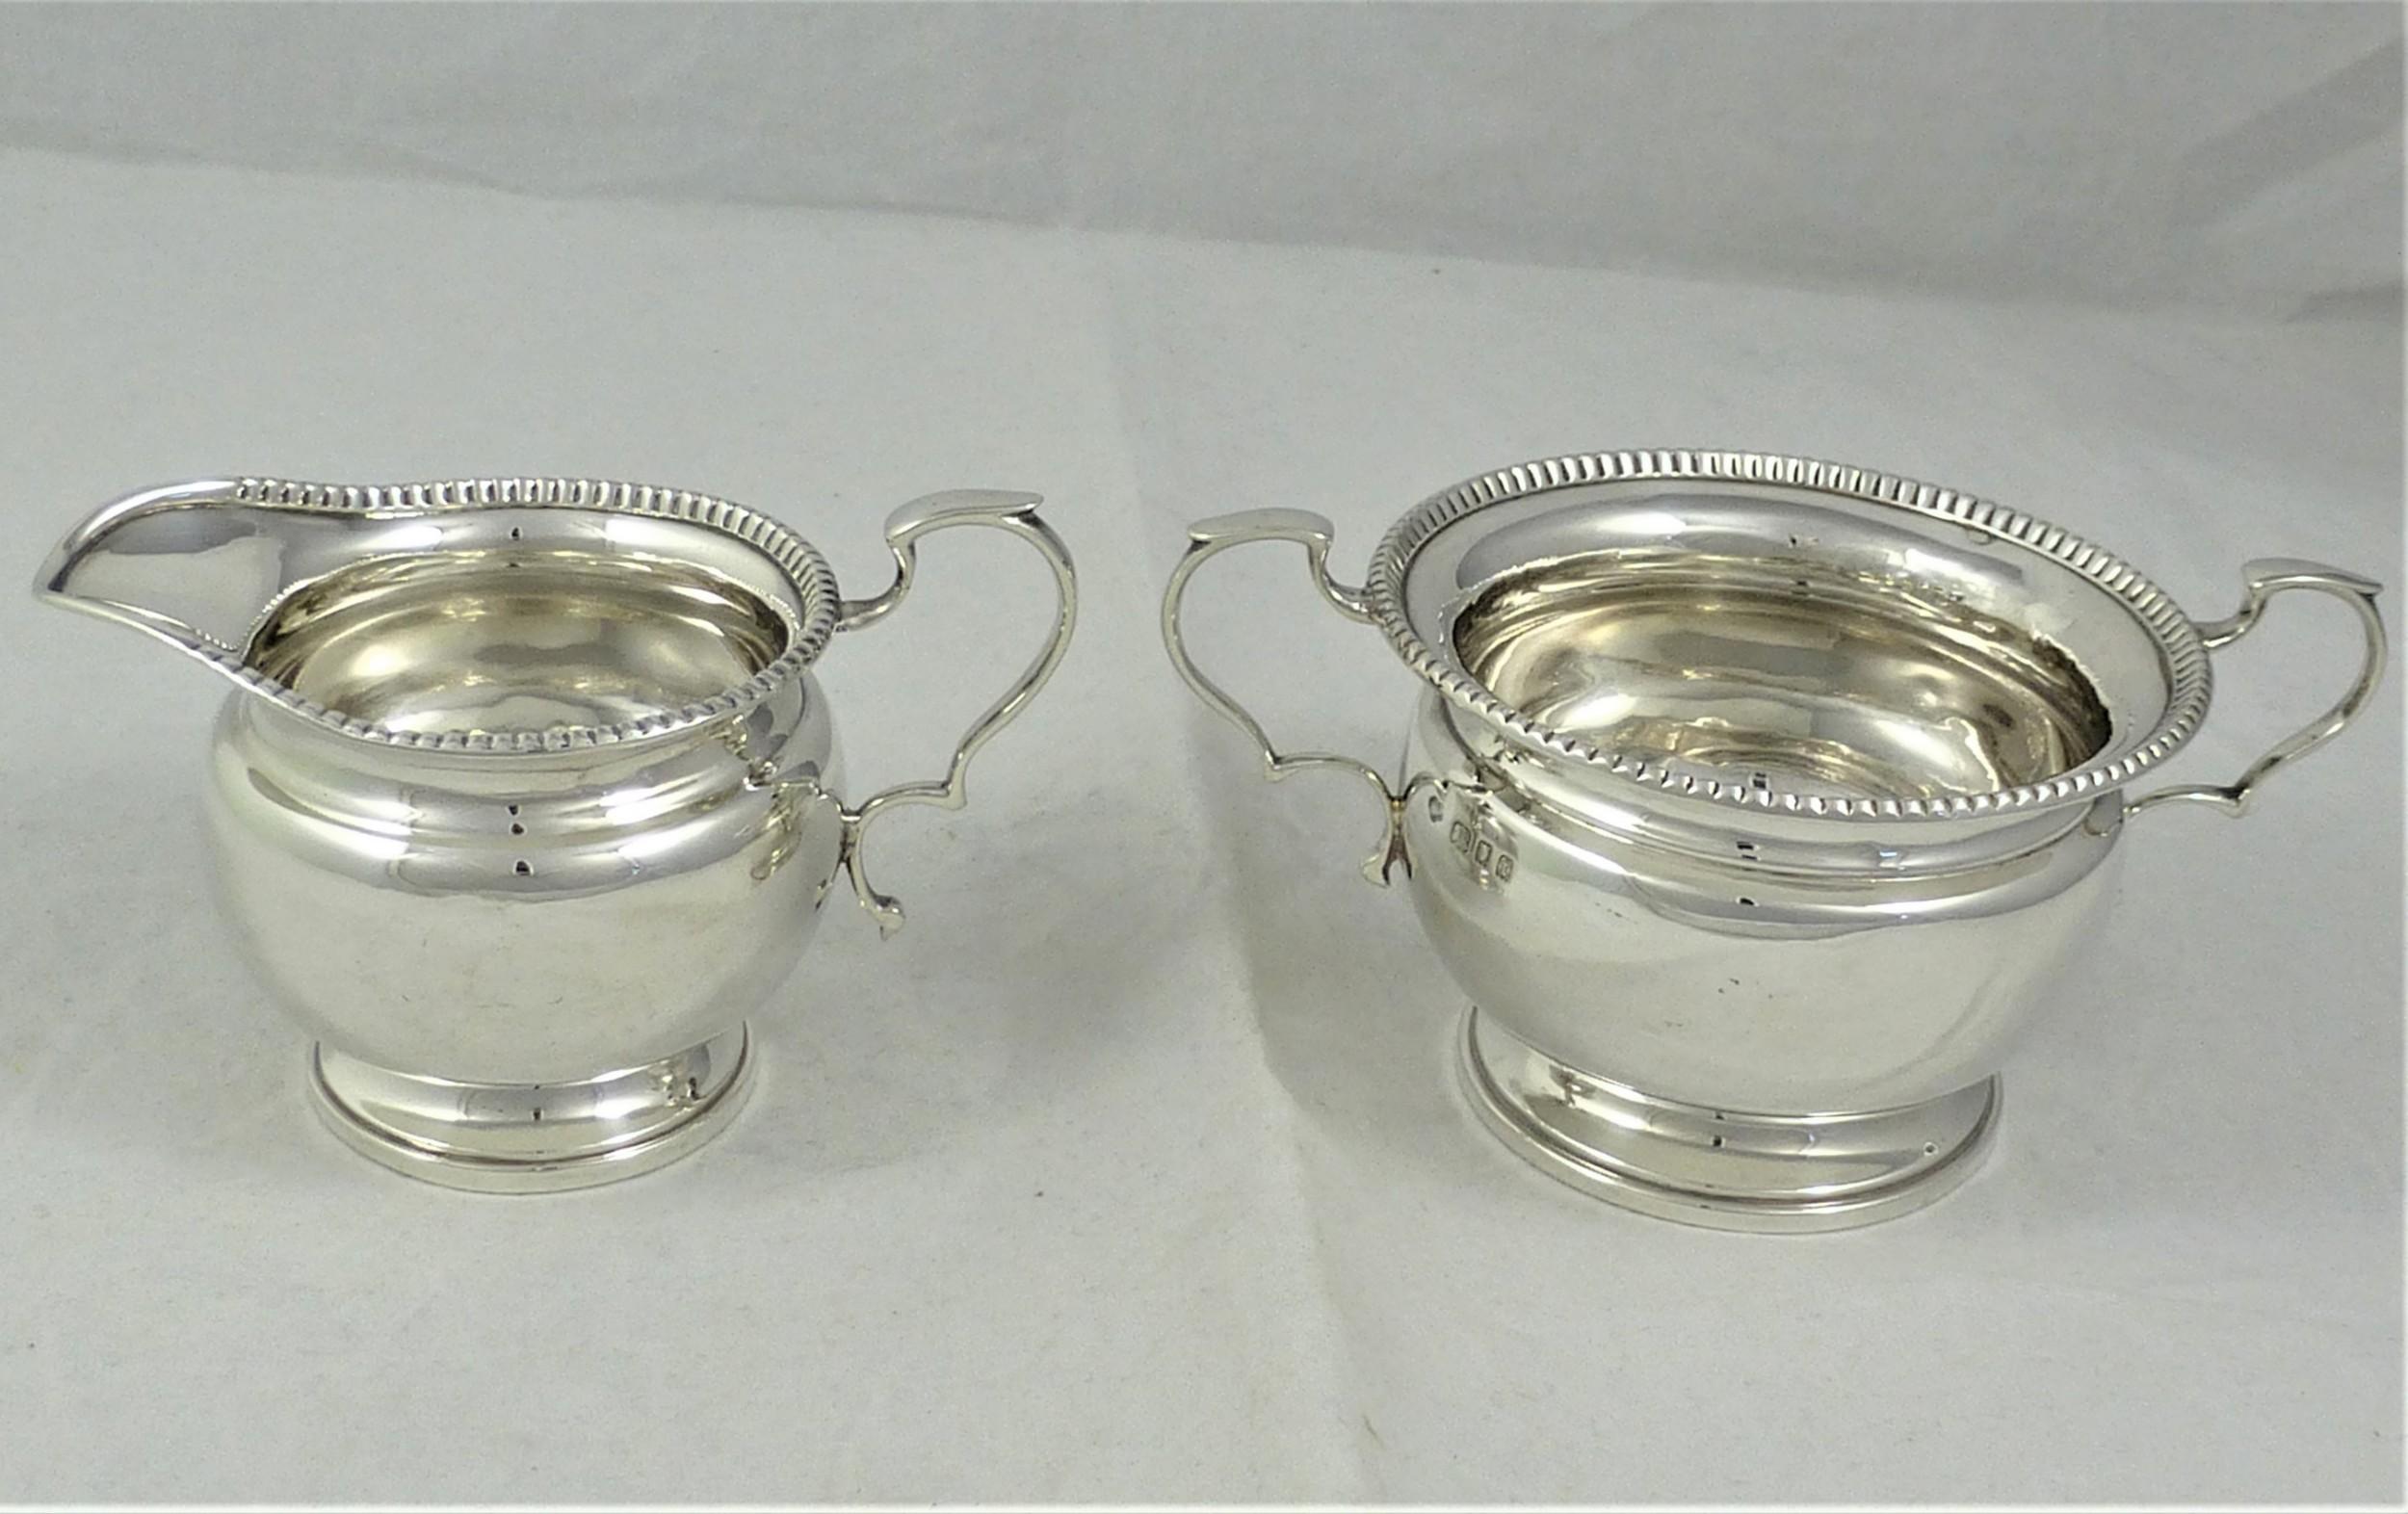 goldsmiths silversmiths silver milk jug and sugar bowl